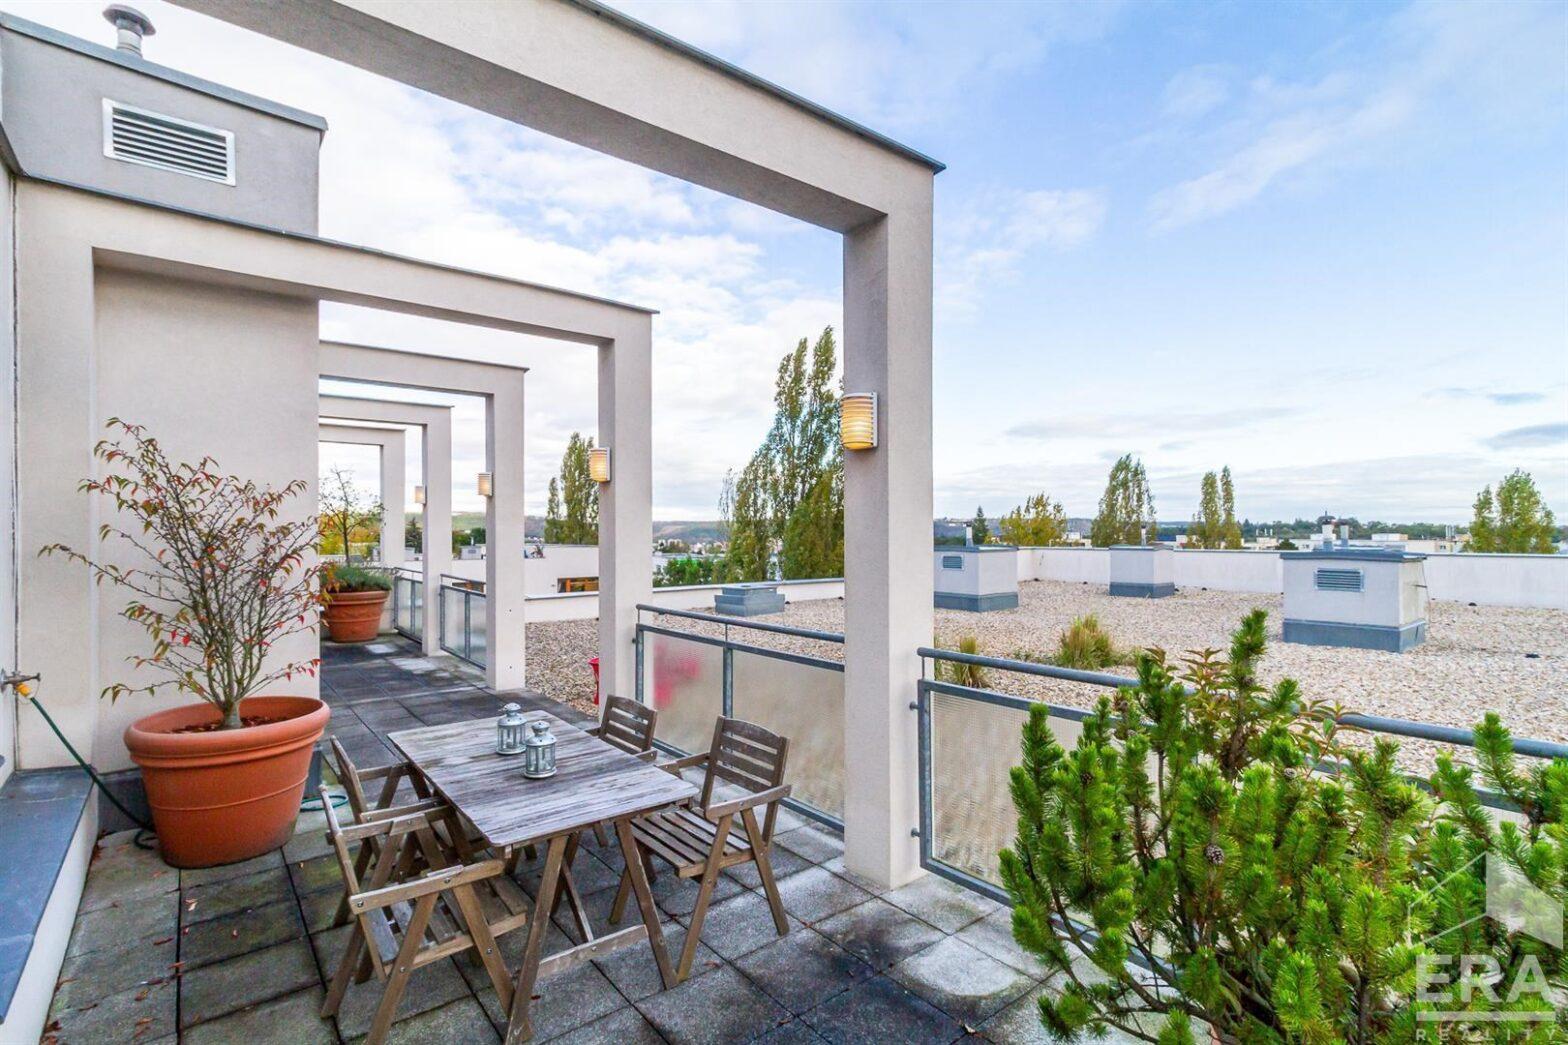 Prodej bytu 2+kk 62 m2, střešní terasa 42 m2, garážové stání, Praha 5 Zbraslav